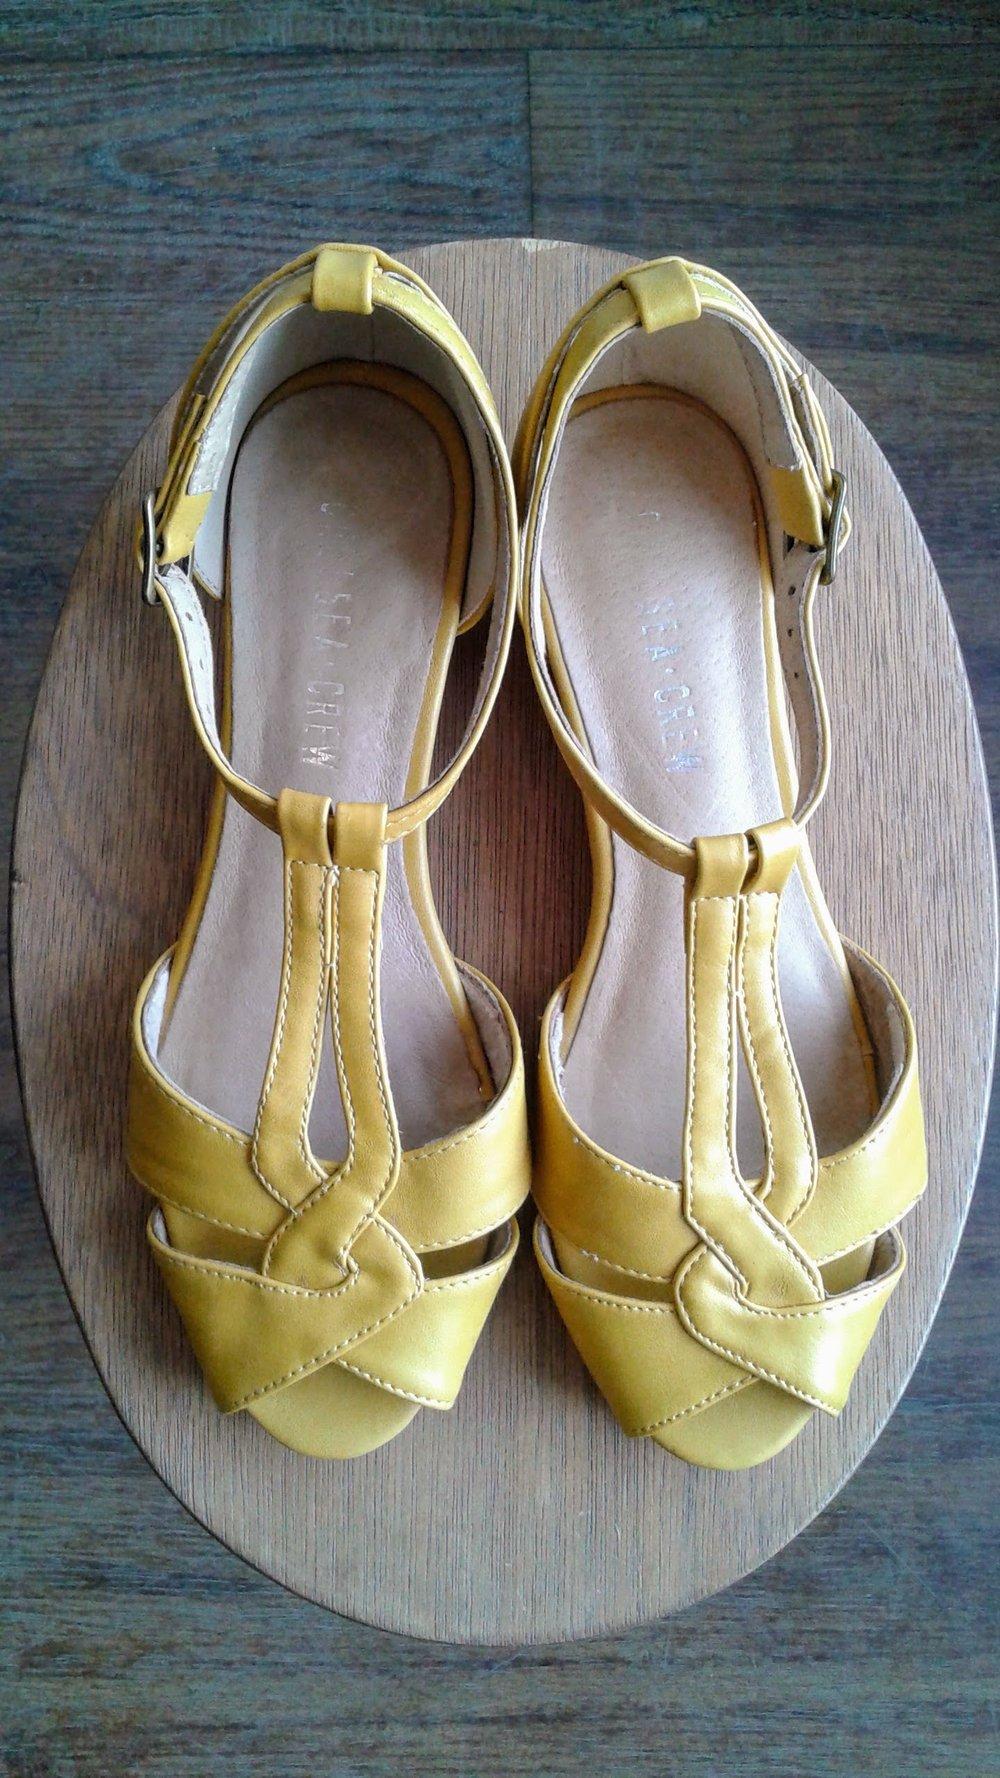 Chelsea Crew shoes; S6.5, $18